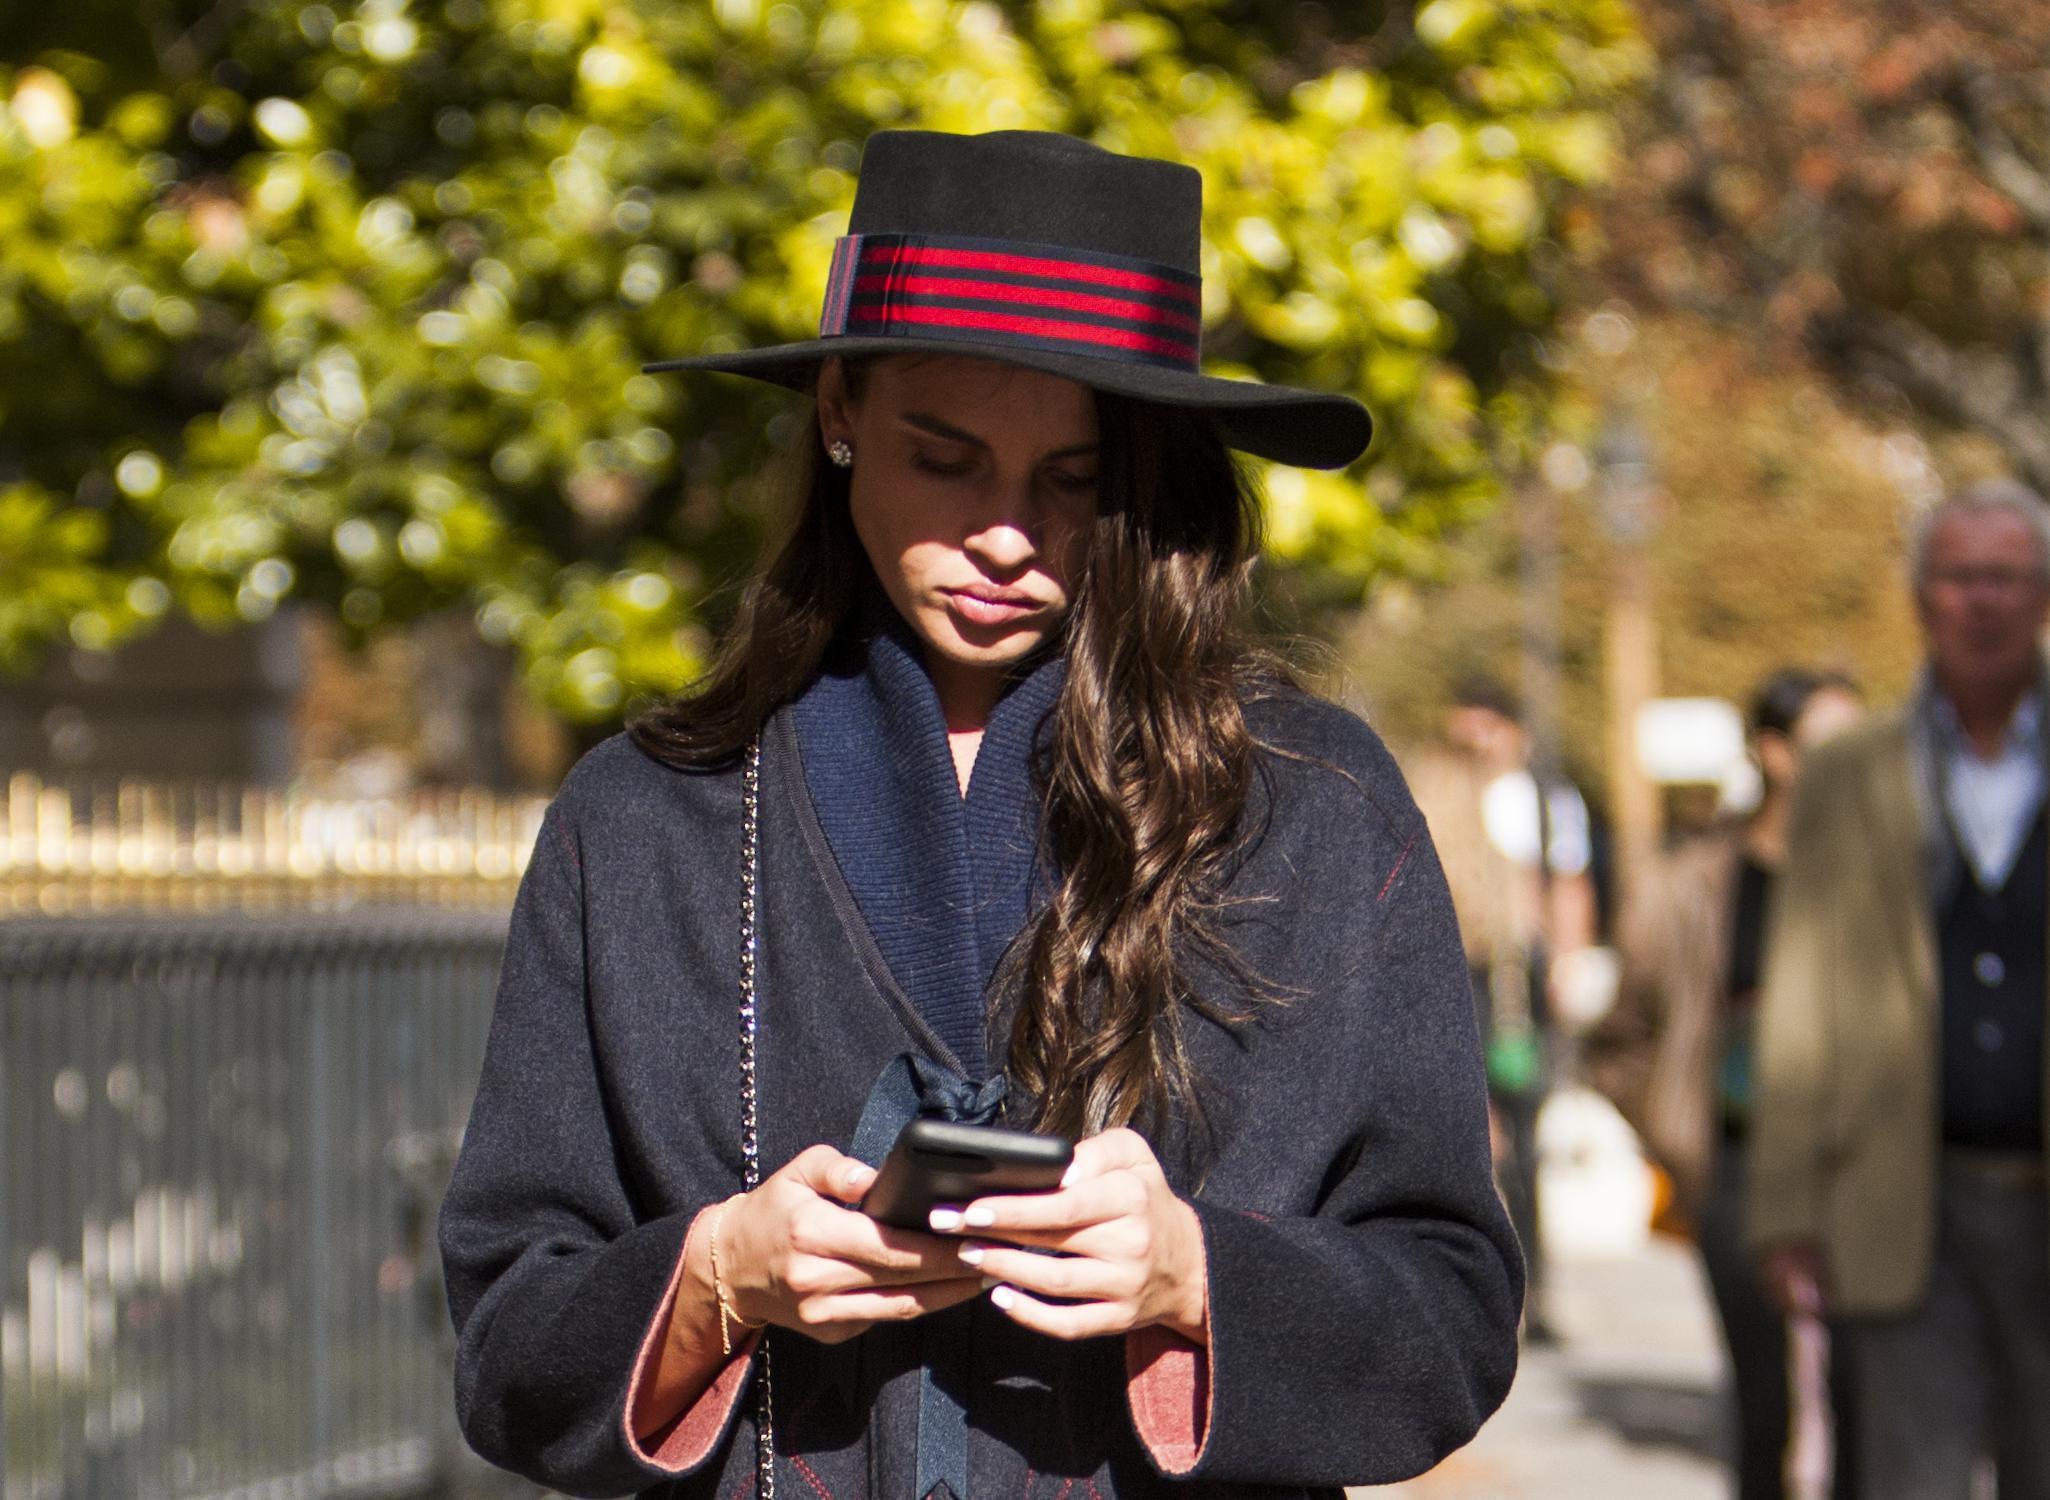 Ono kad aposlutno ne mariš za modna pravila: Zgodna brineta ukrala pozornost prolaznika